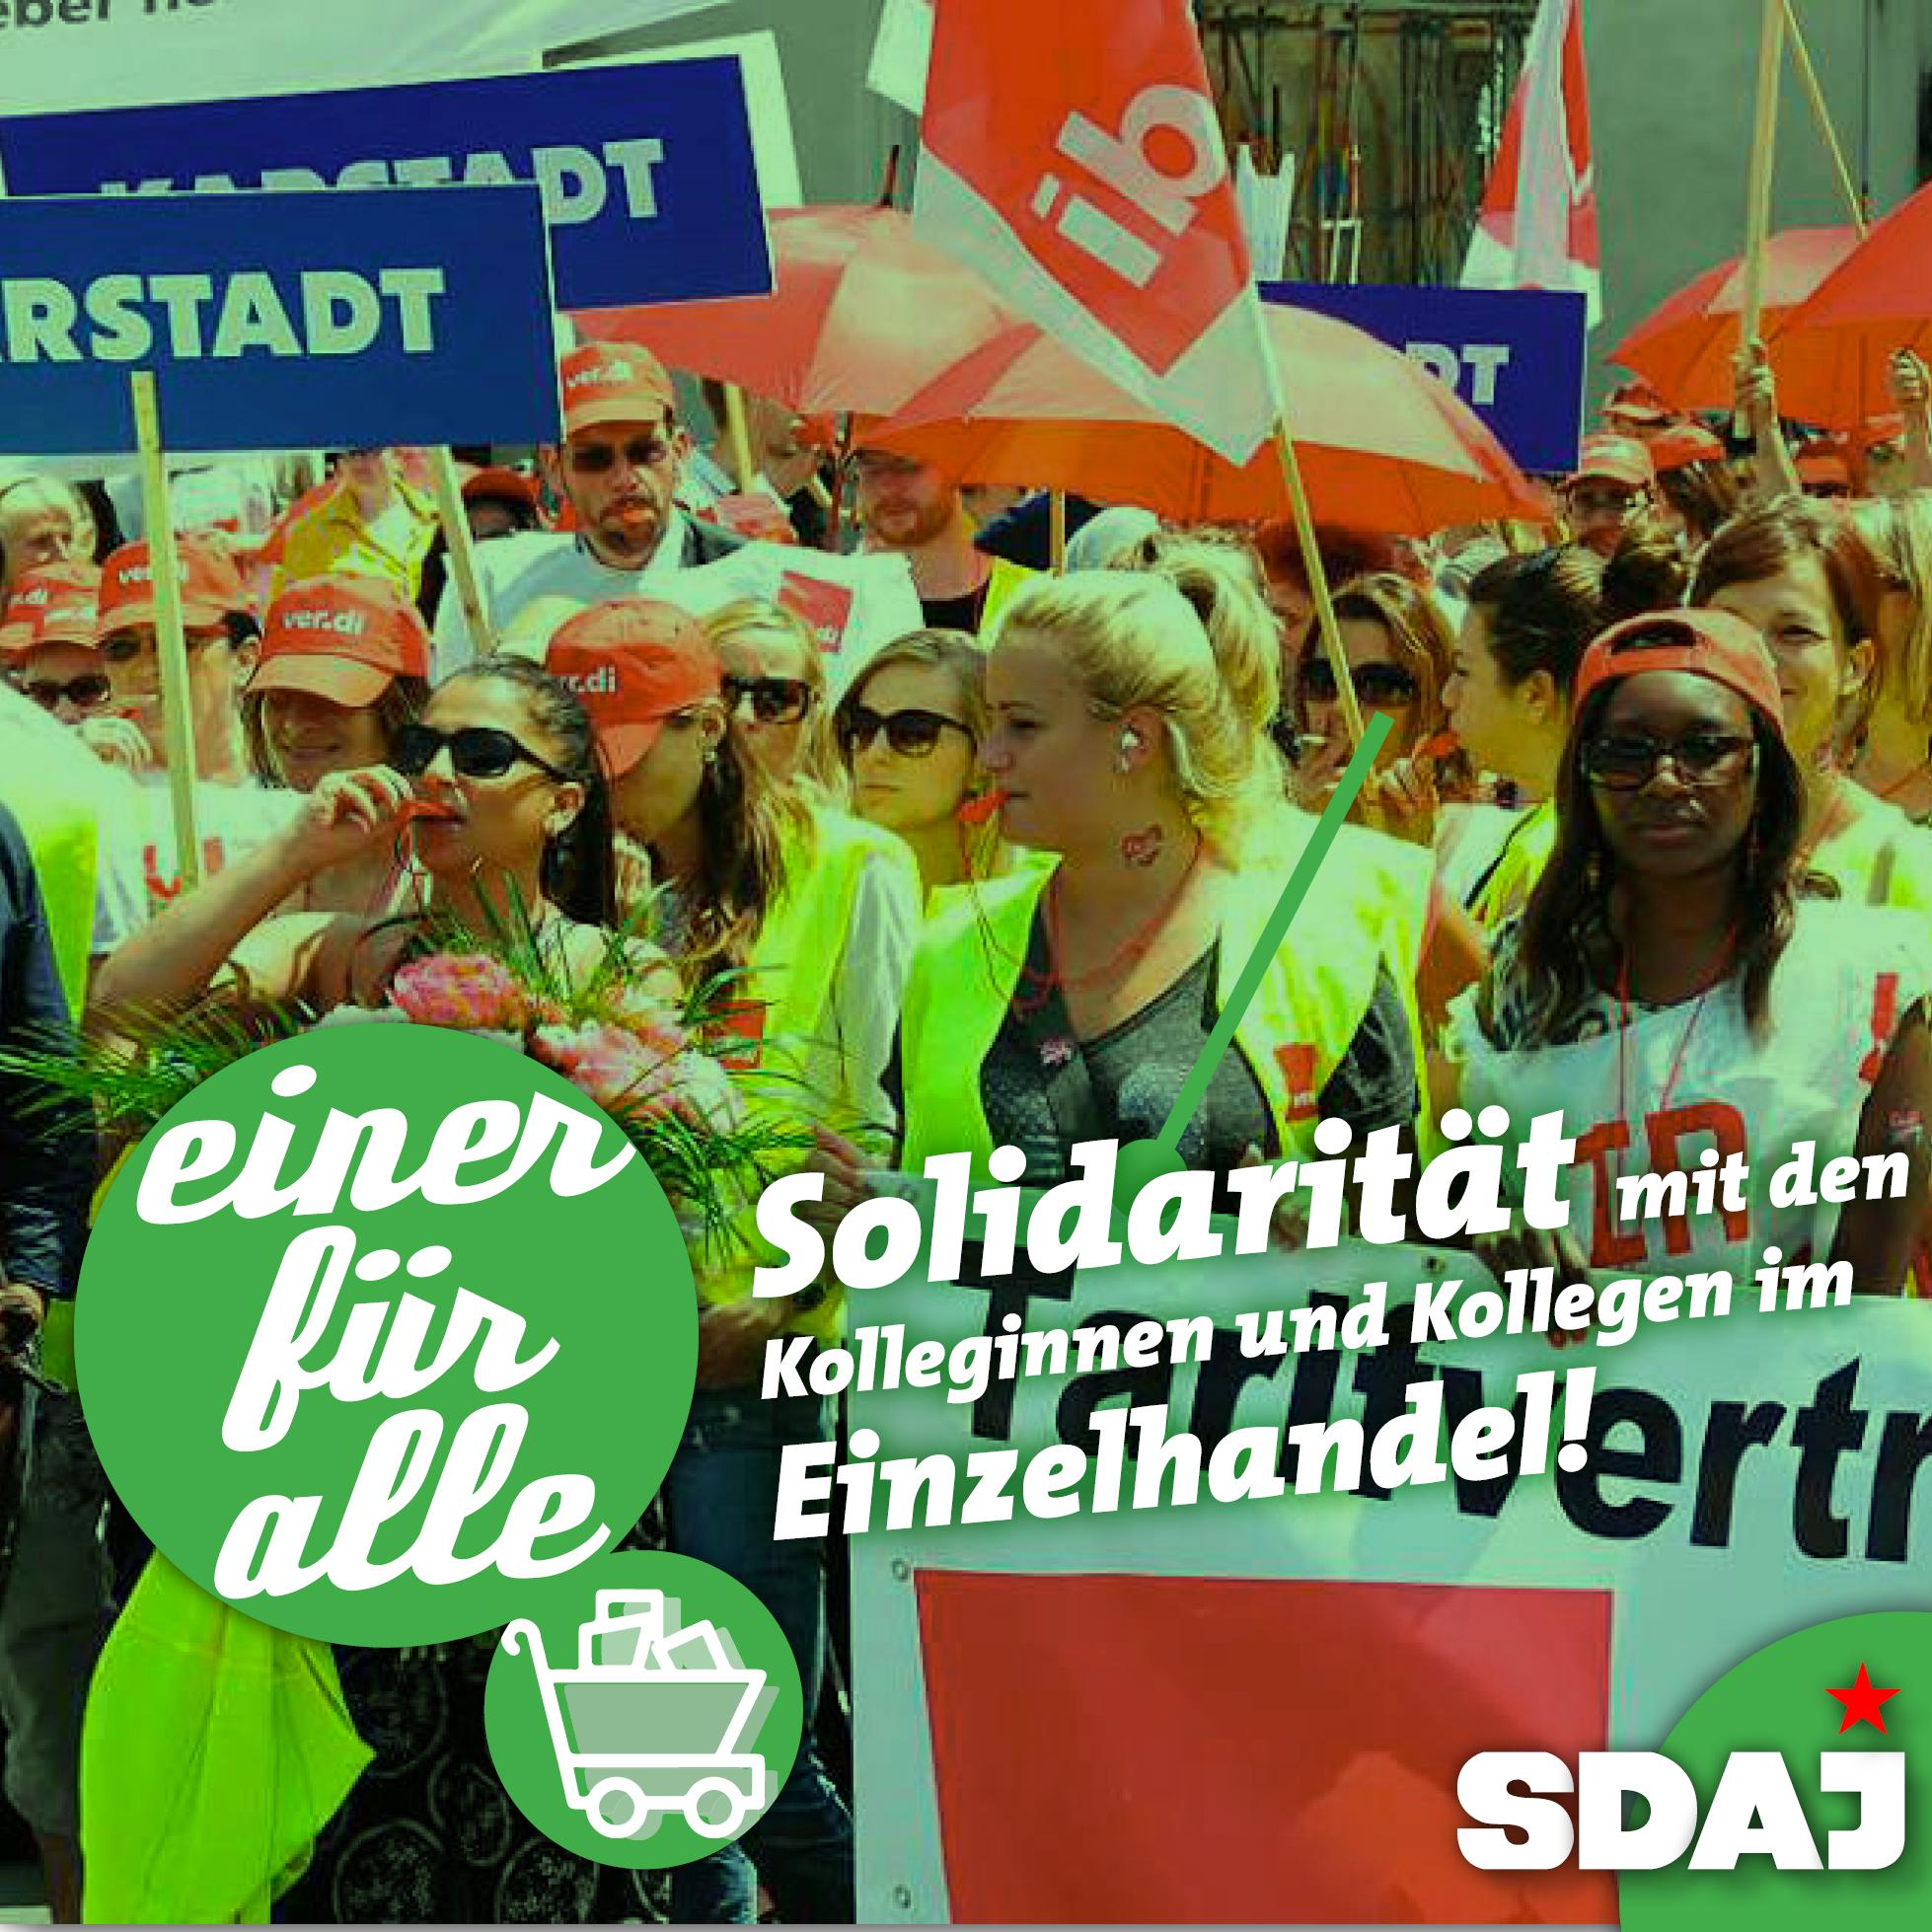 Einer für alle! Solidarität mit den Kolleginnen und Kollegen im Einzelhandel!